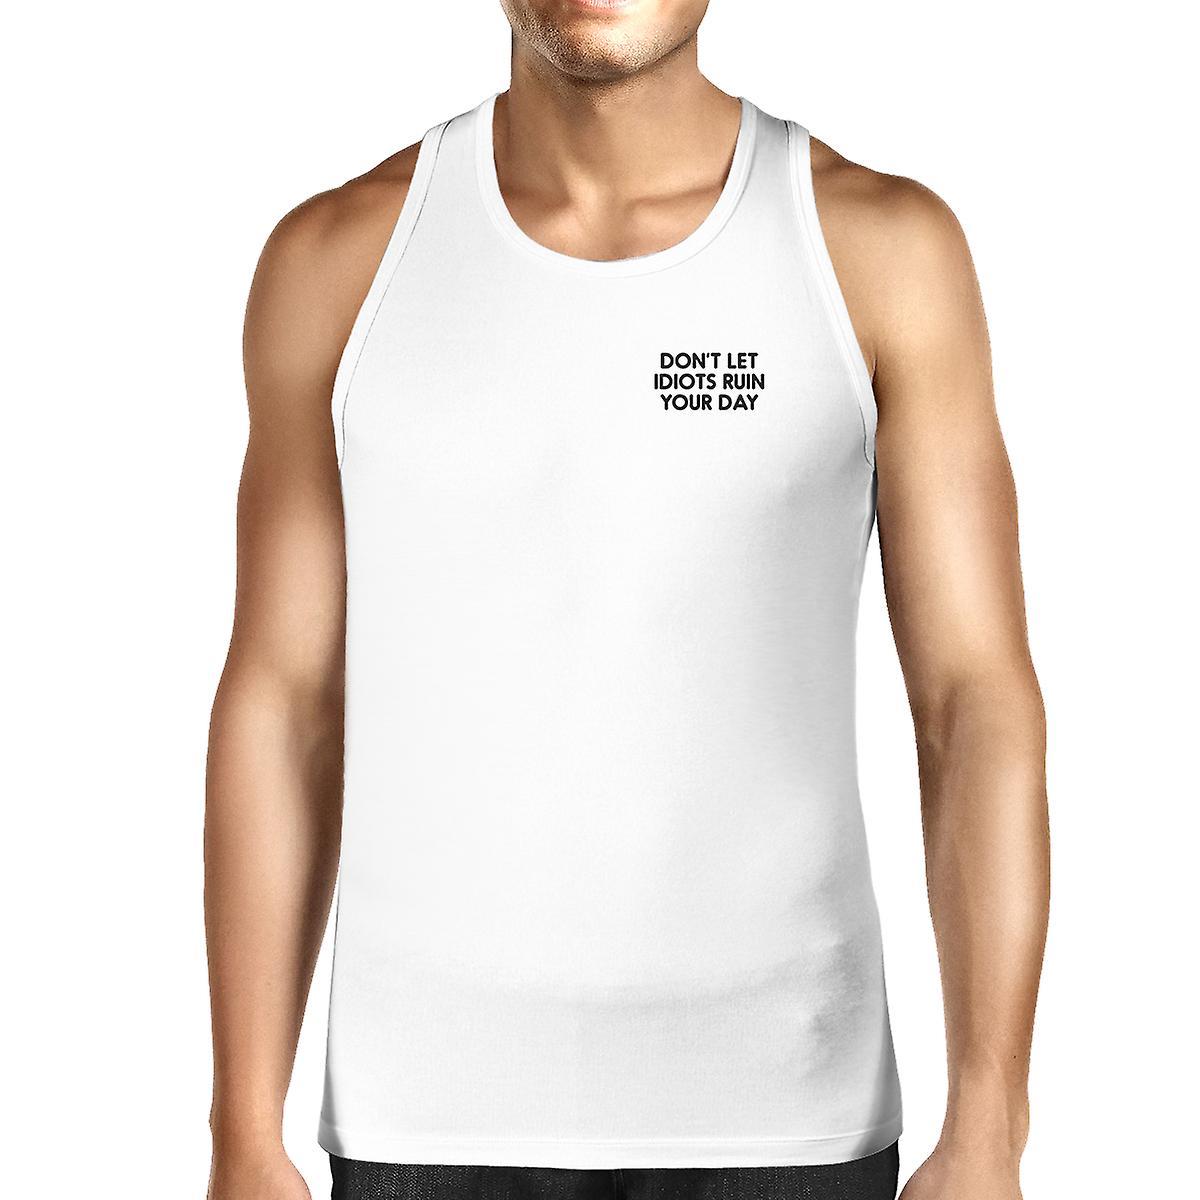 Inte förstöra Idiot din dag Mens vit ärmlös Tank Top Gym skjorta ... b90c34ad6c75a